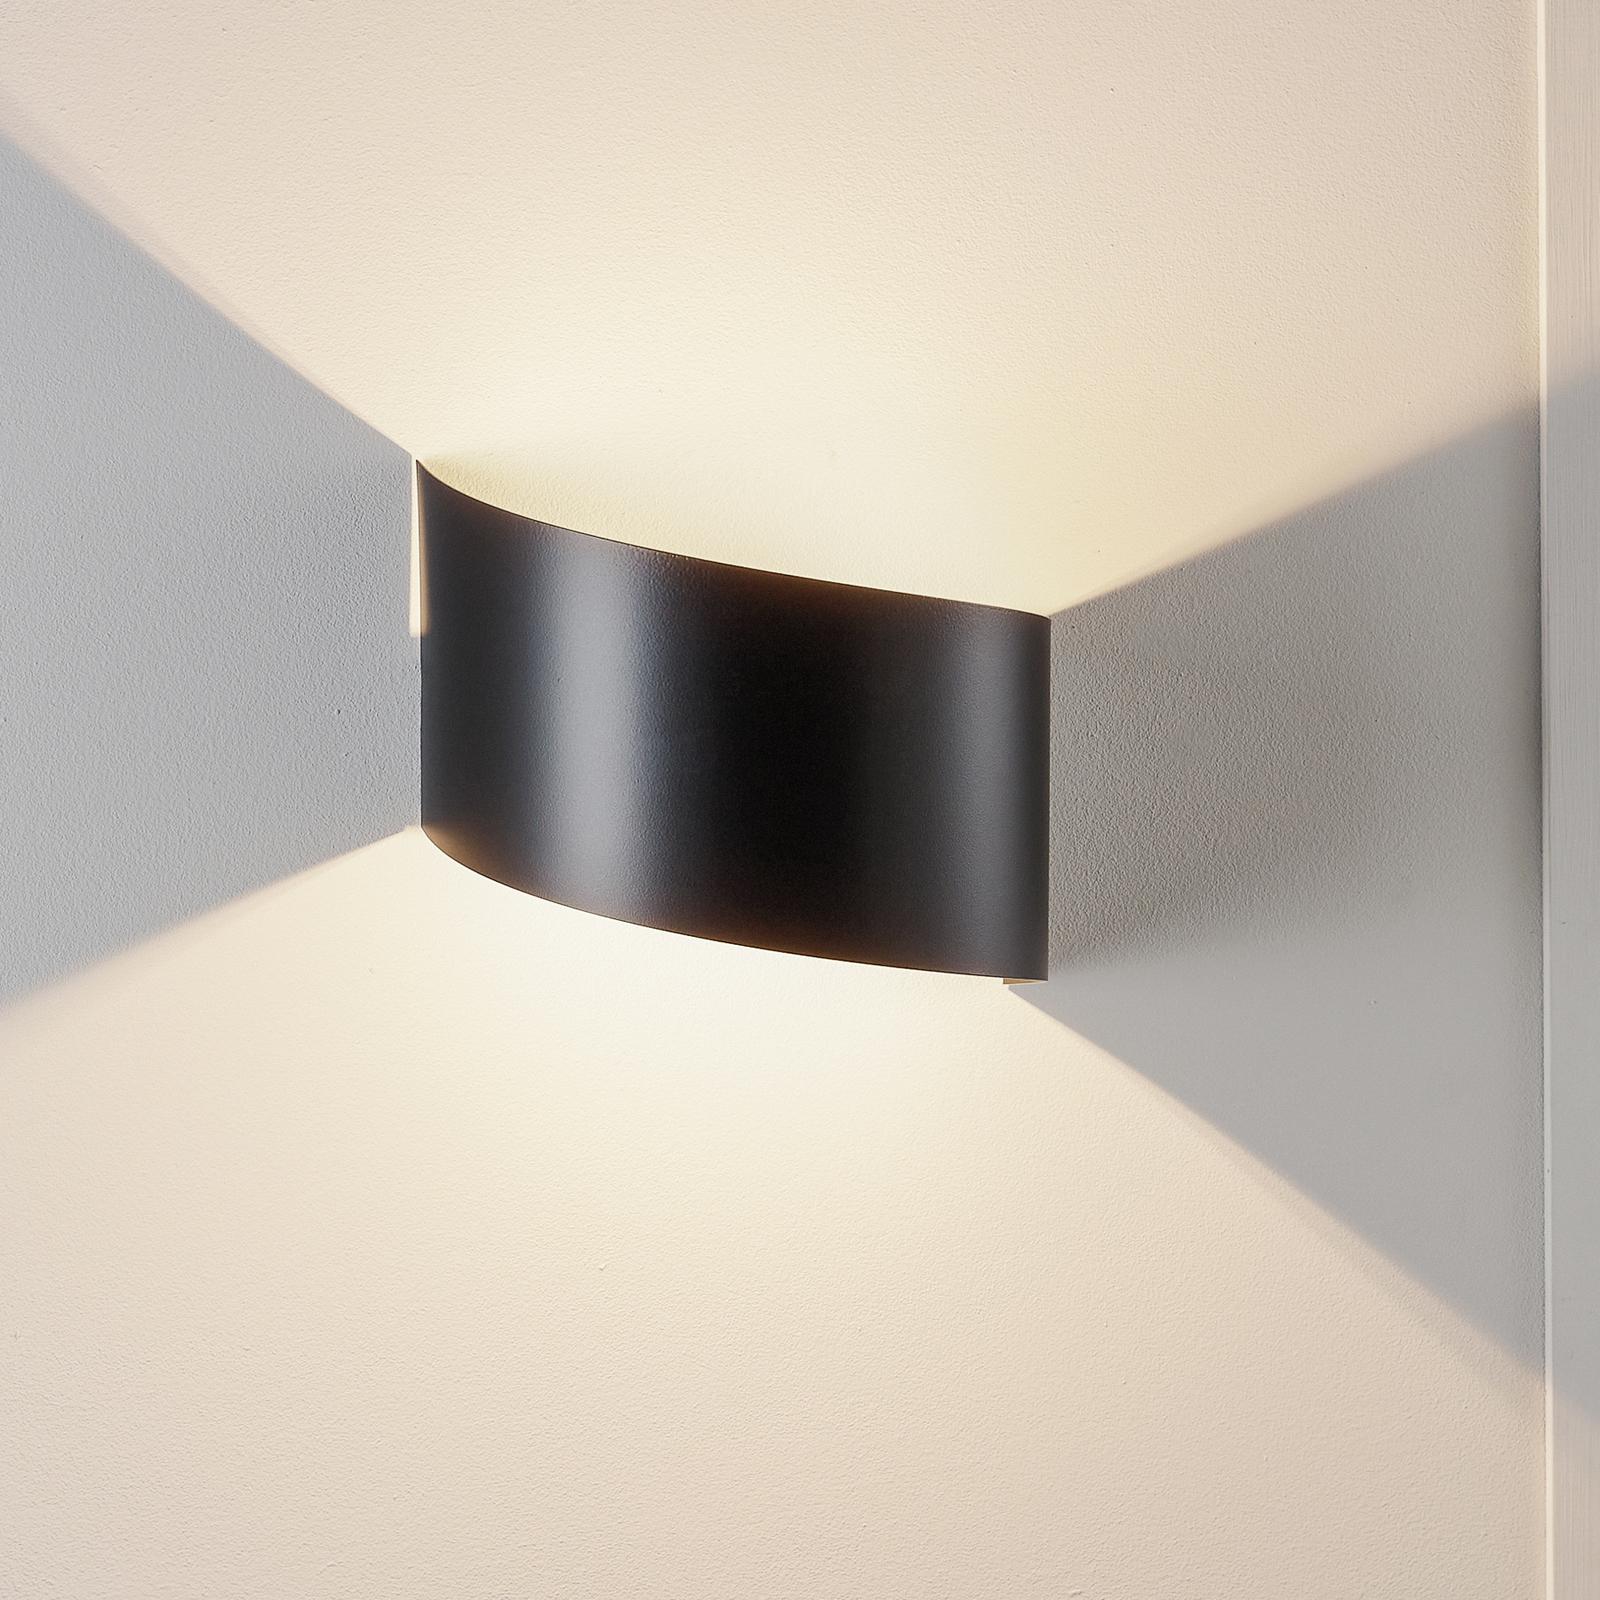 Nástěnné světlo Vero z lakované oceli, černá